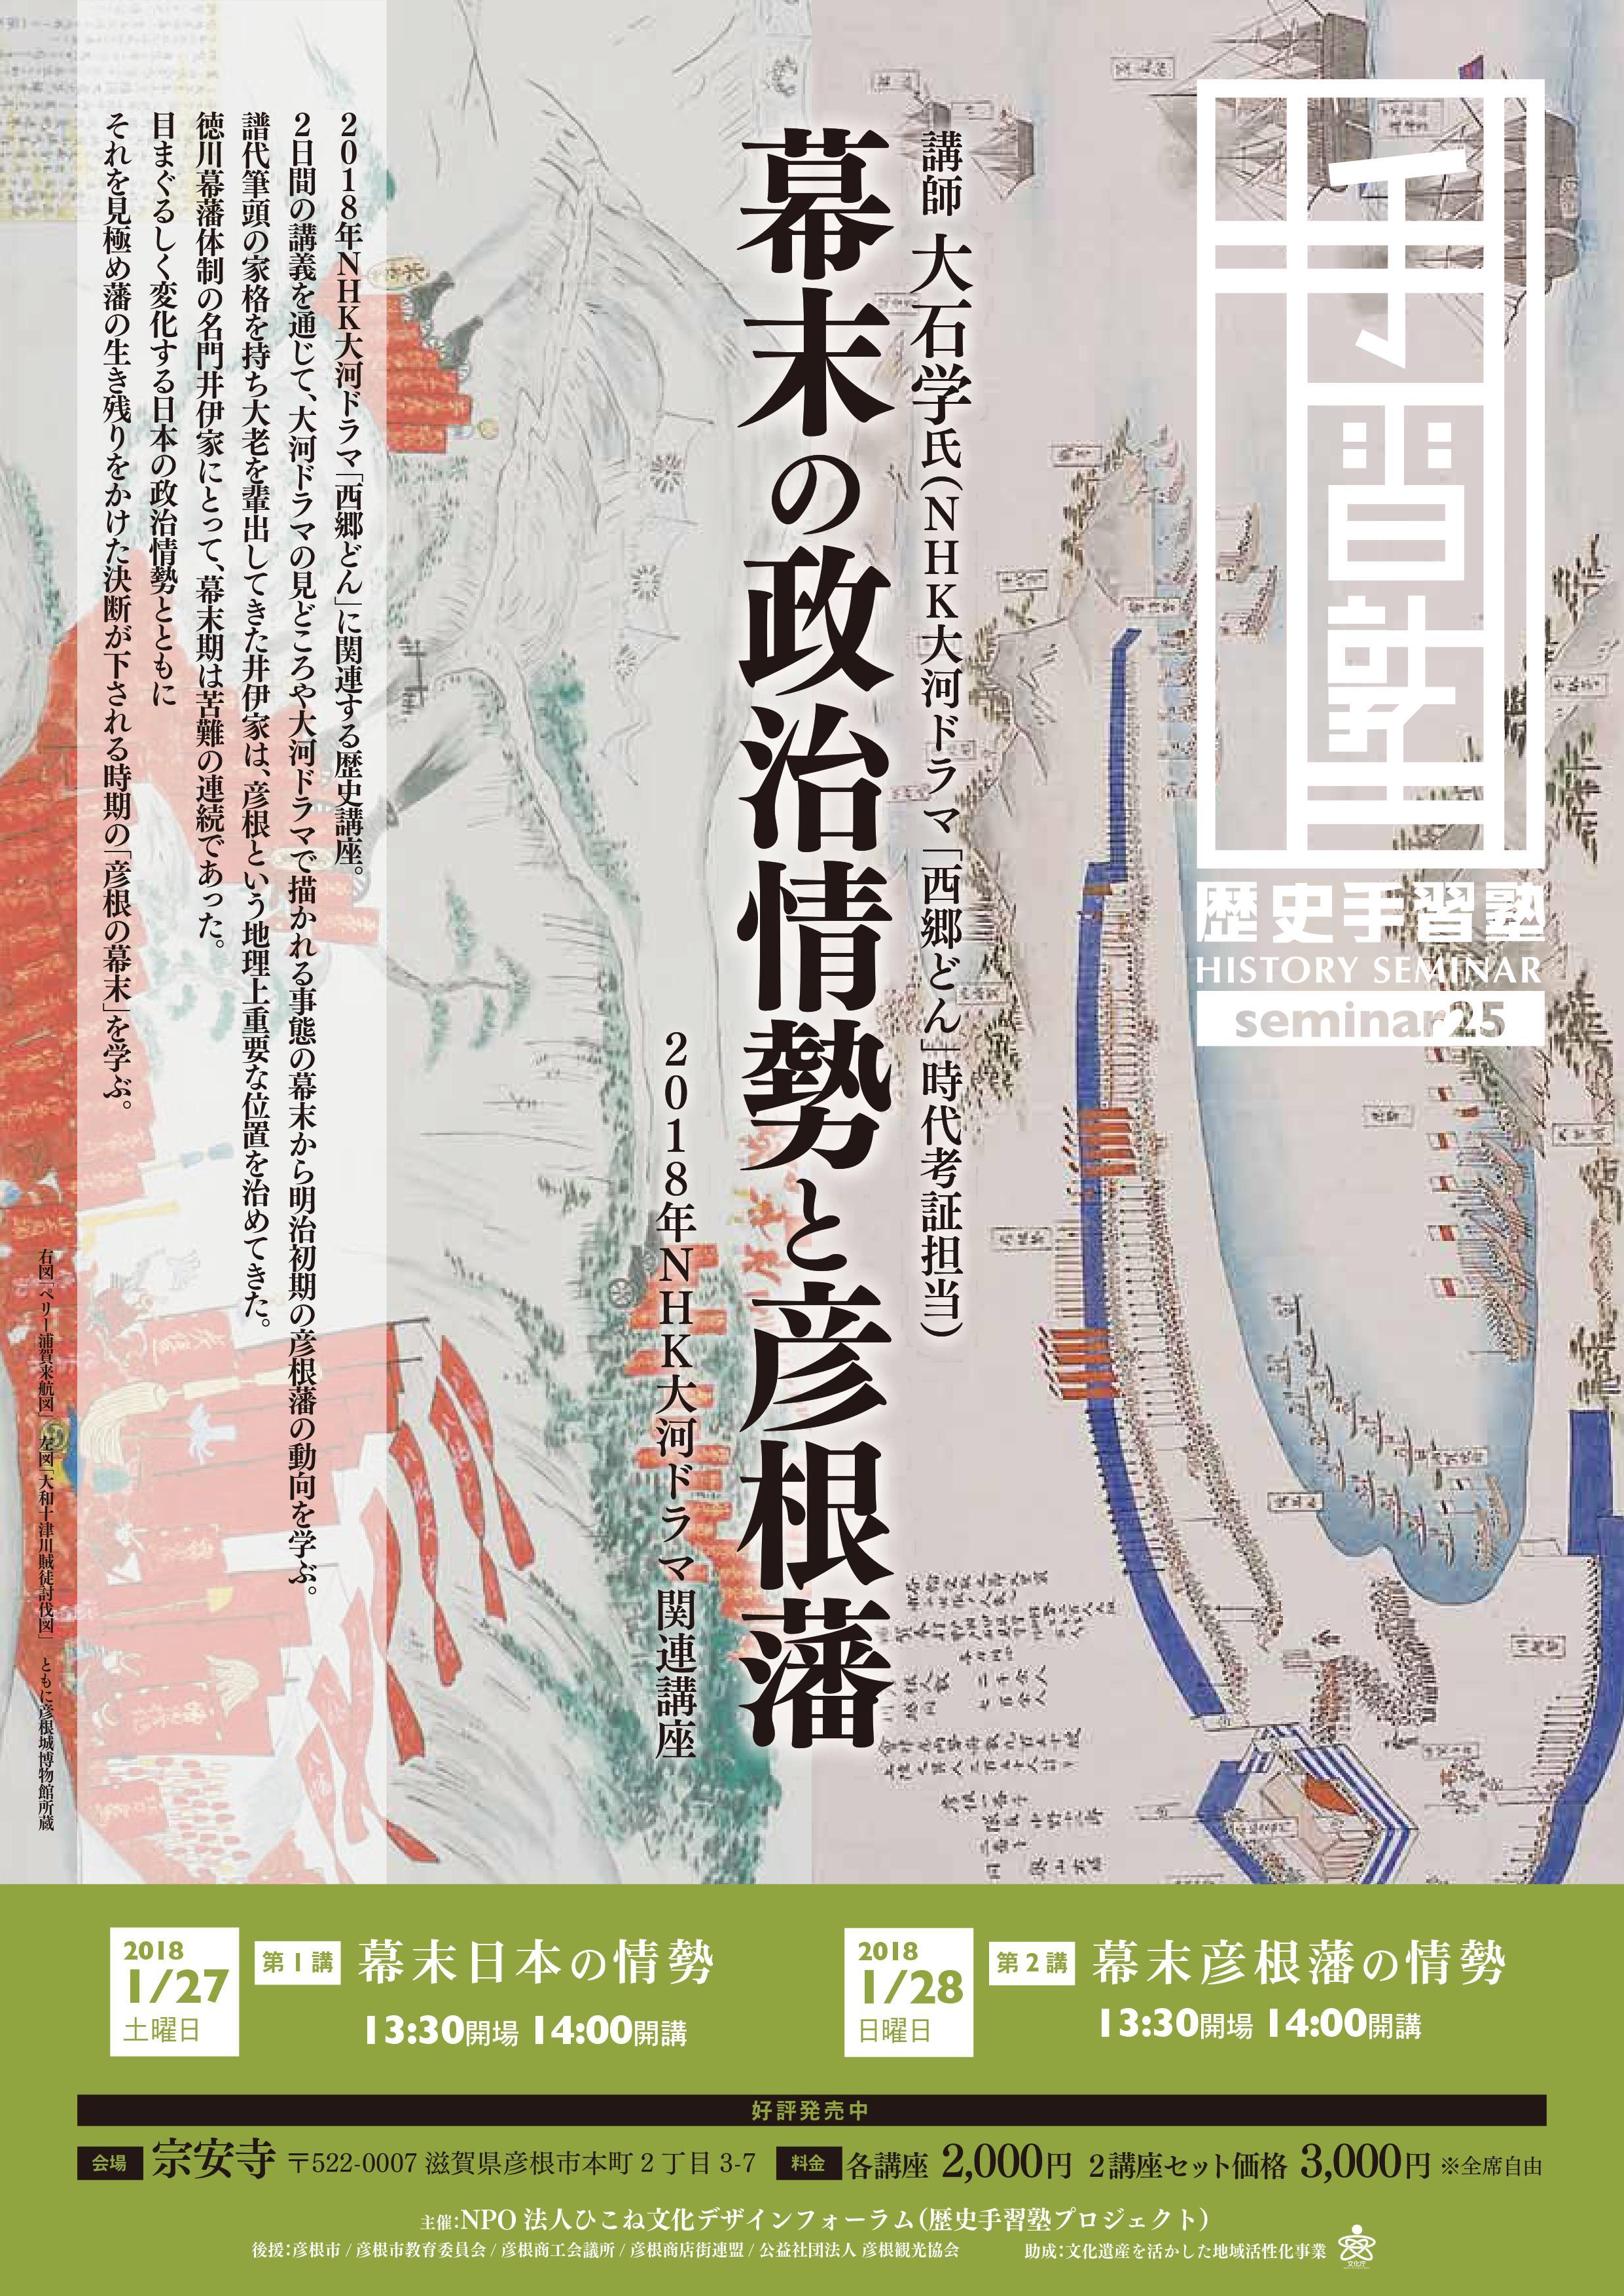 講師 大石学先生 歴史手習塾セミナー25「幕末の政治情勢と彦根藩」開催のお知らせ